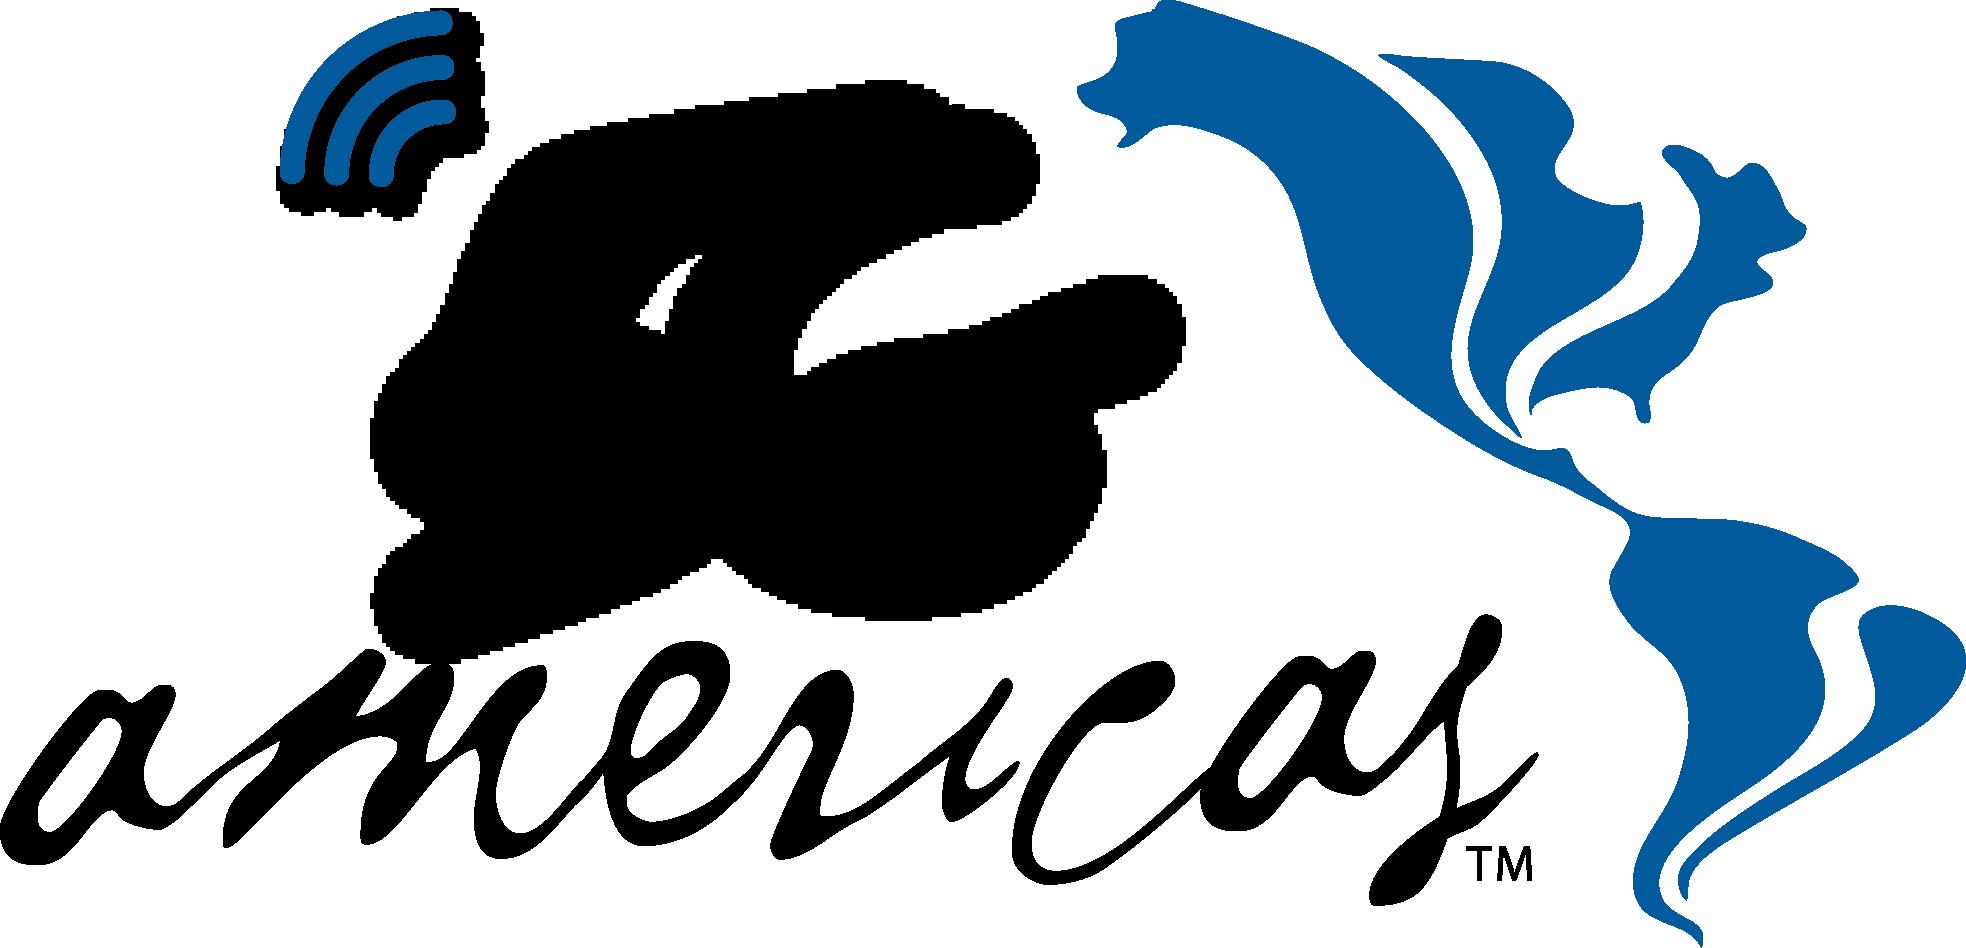 5G_Americas_logo.png